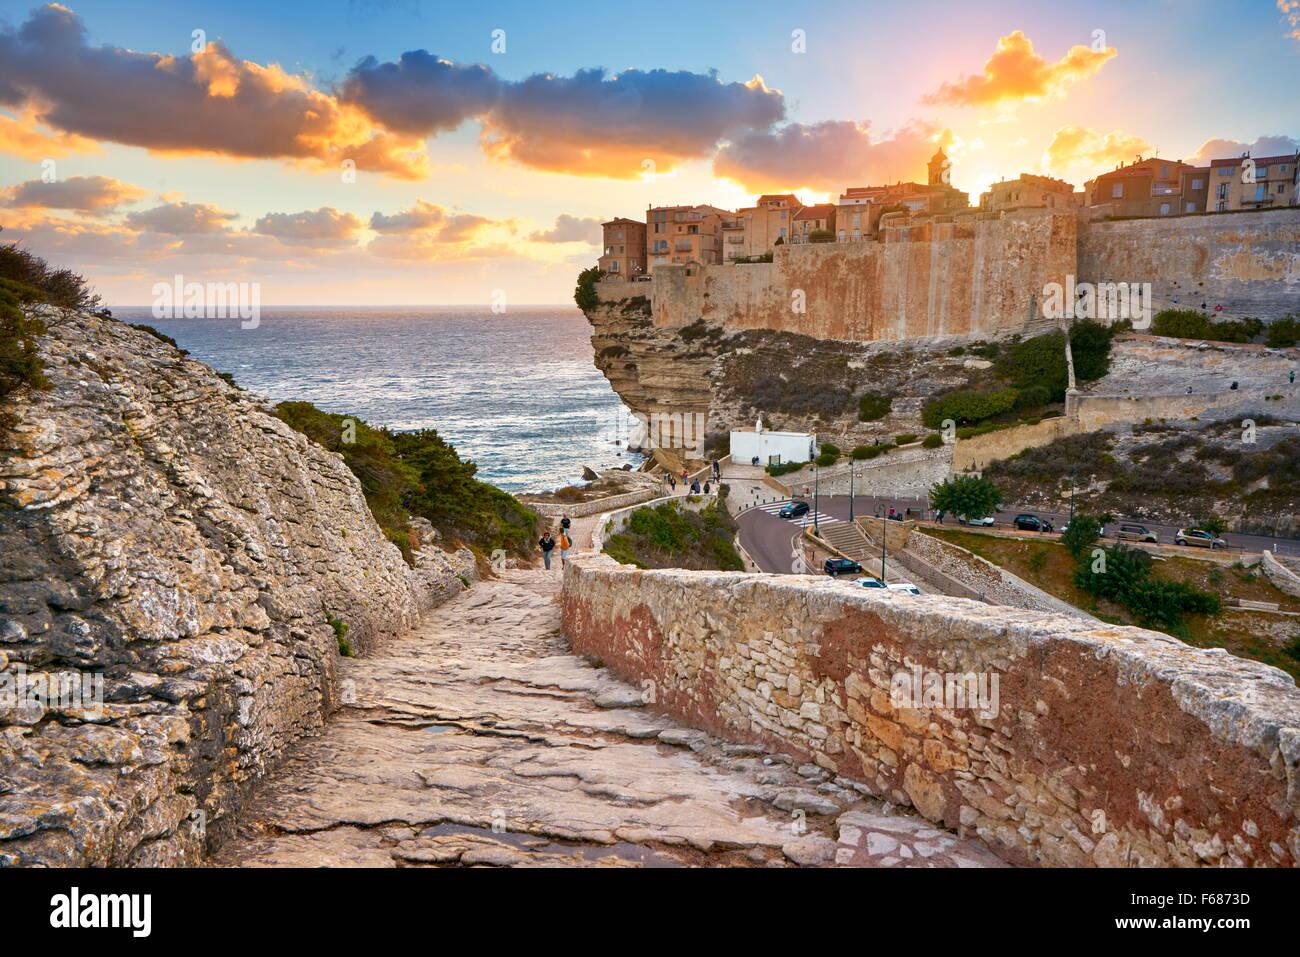 La isla de Córcega - Bonifacio al atardecer tiempo, Francia Imagen De Stock